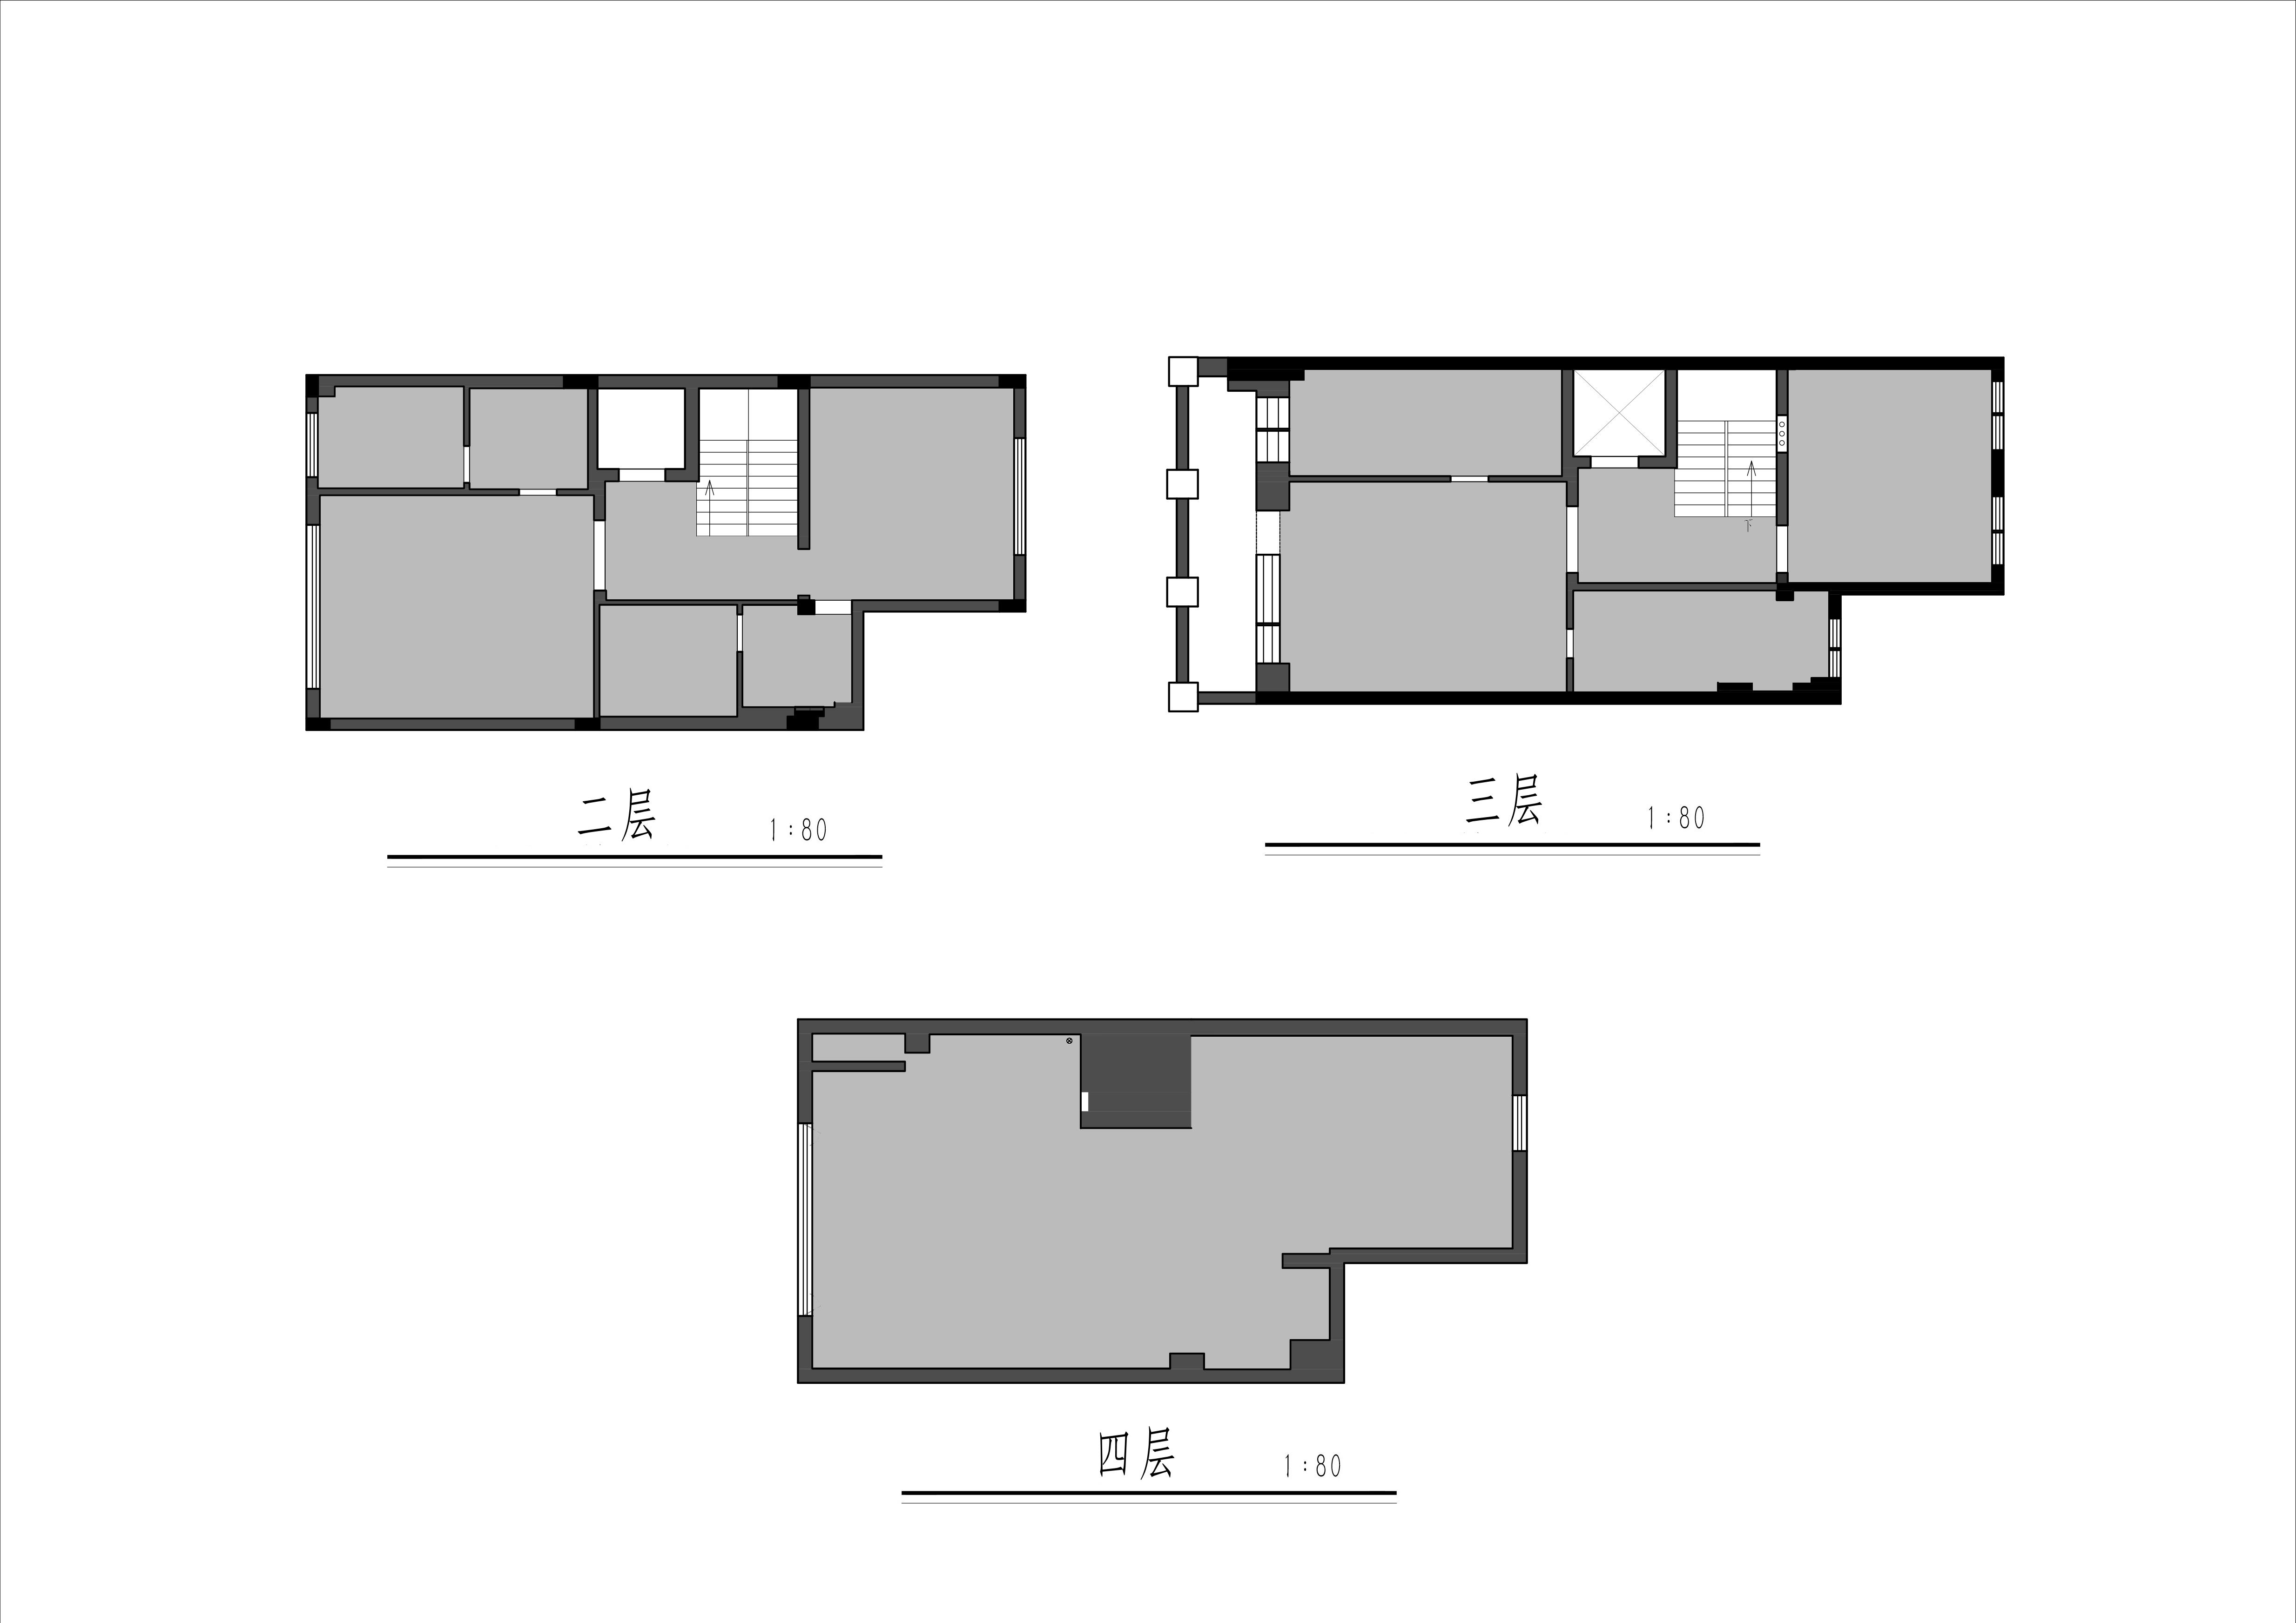 万达海公馆现代轻奢成果图-500平装潢策划愿景